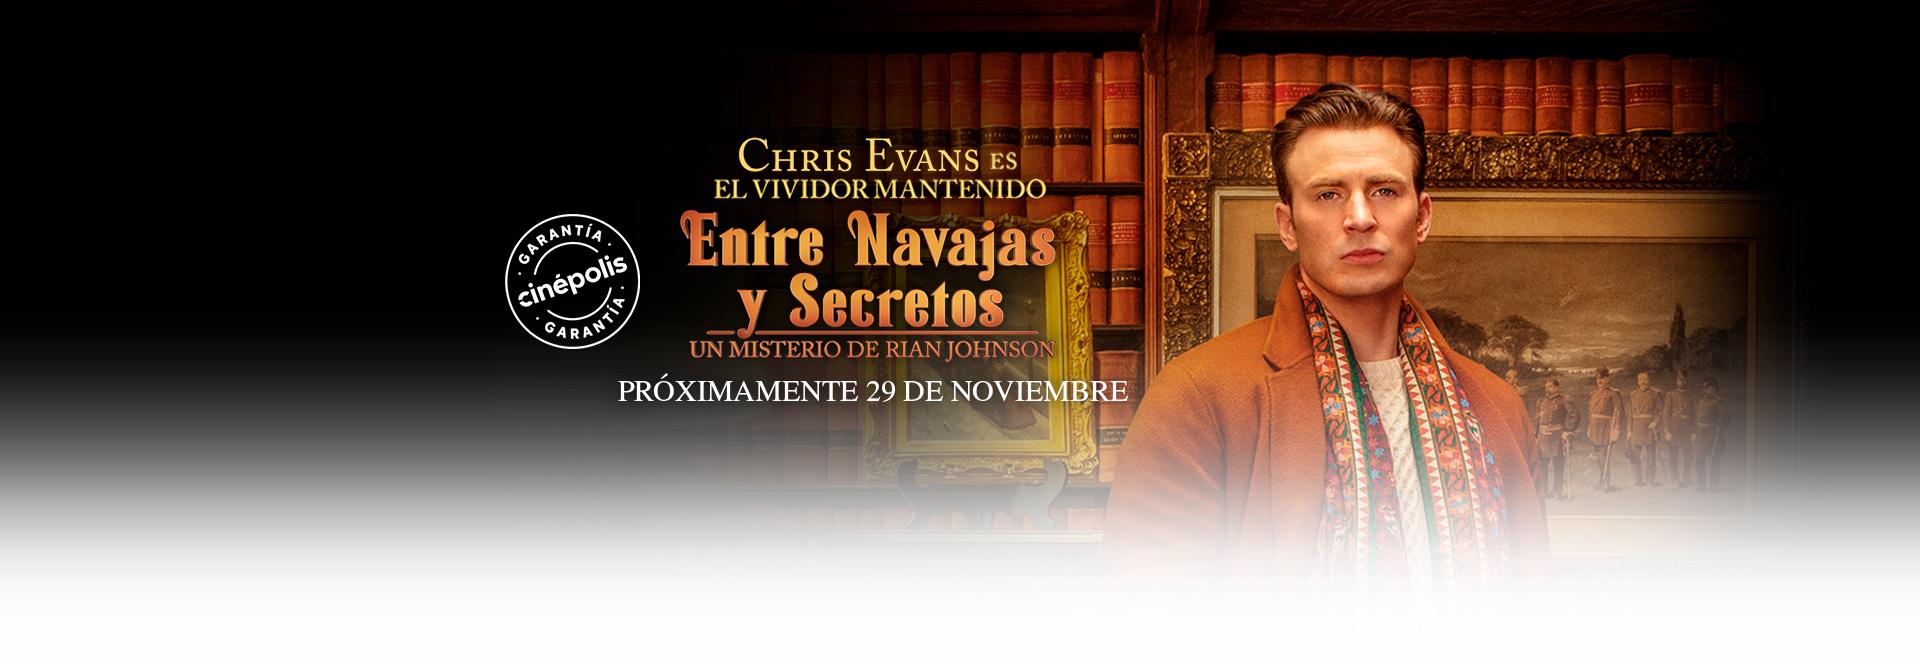 Banner Entre Navajas y Secretos | Garantía Cinépolis